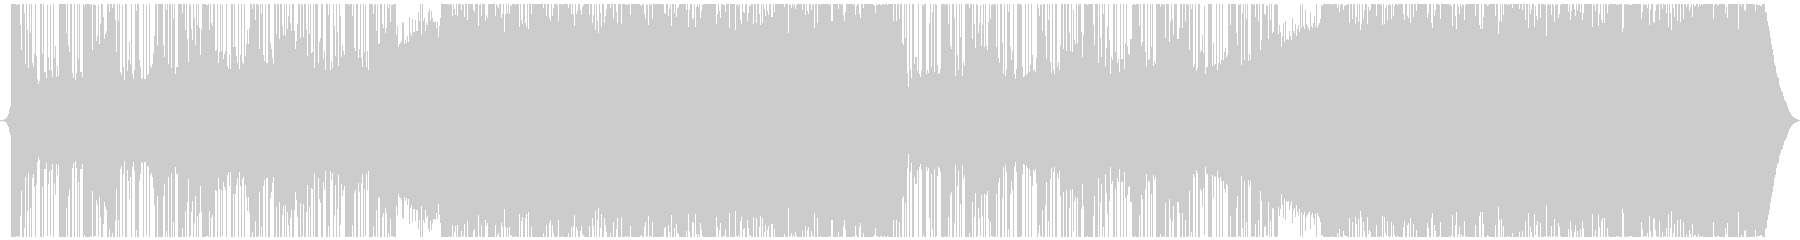 【ロングver】重厚ストリングス メタルの未再生の波形